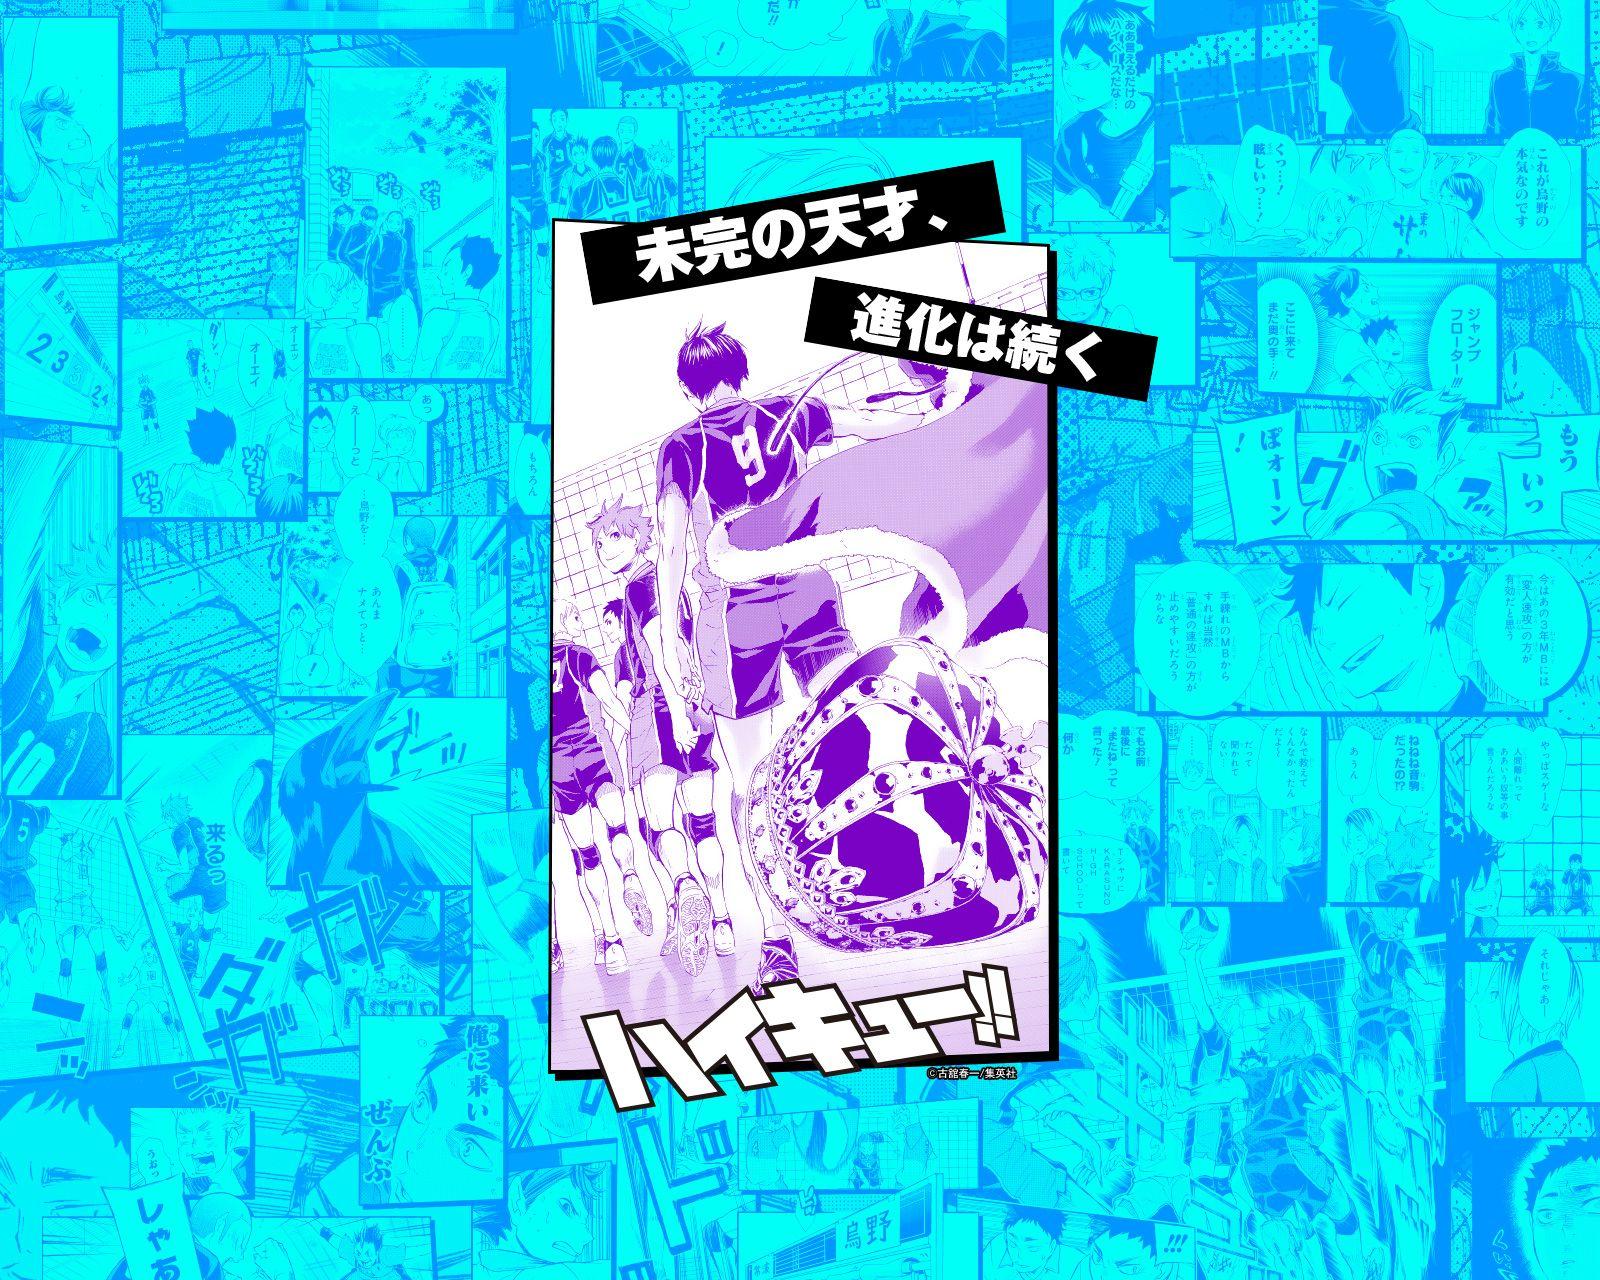 ハイキュー 壁紙ダウンロード 集英社 週刊少年ジャンプ 公式